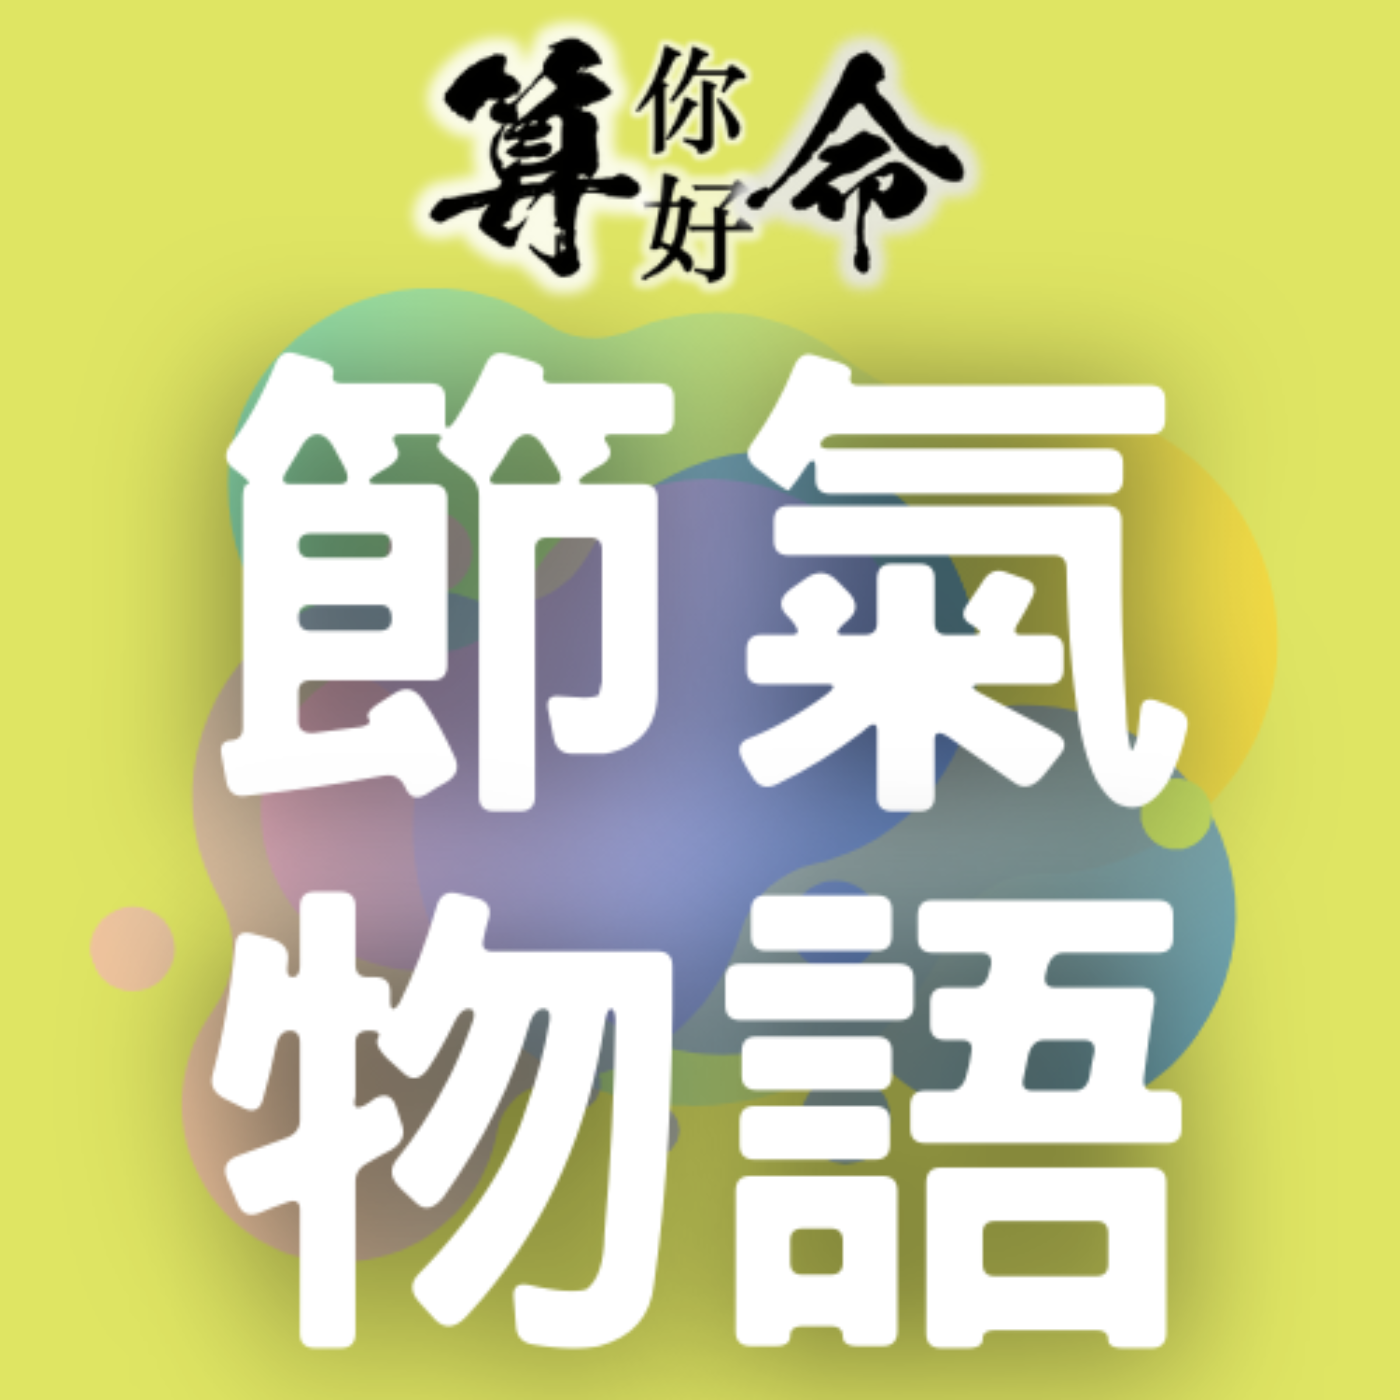 05-節氣物語 24節氣命名心機X日本和曆詩意